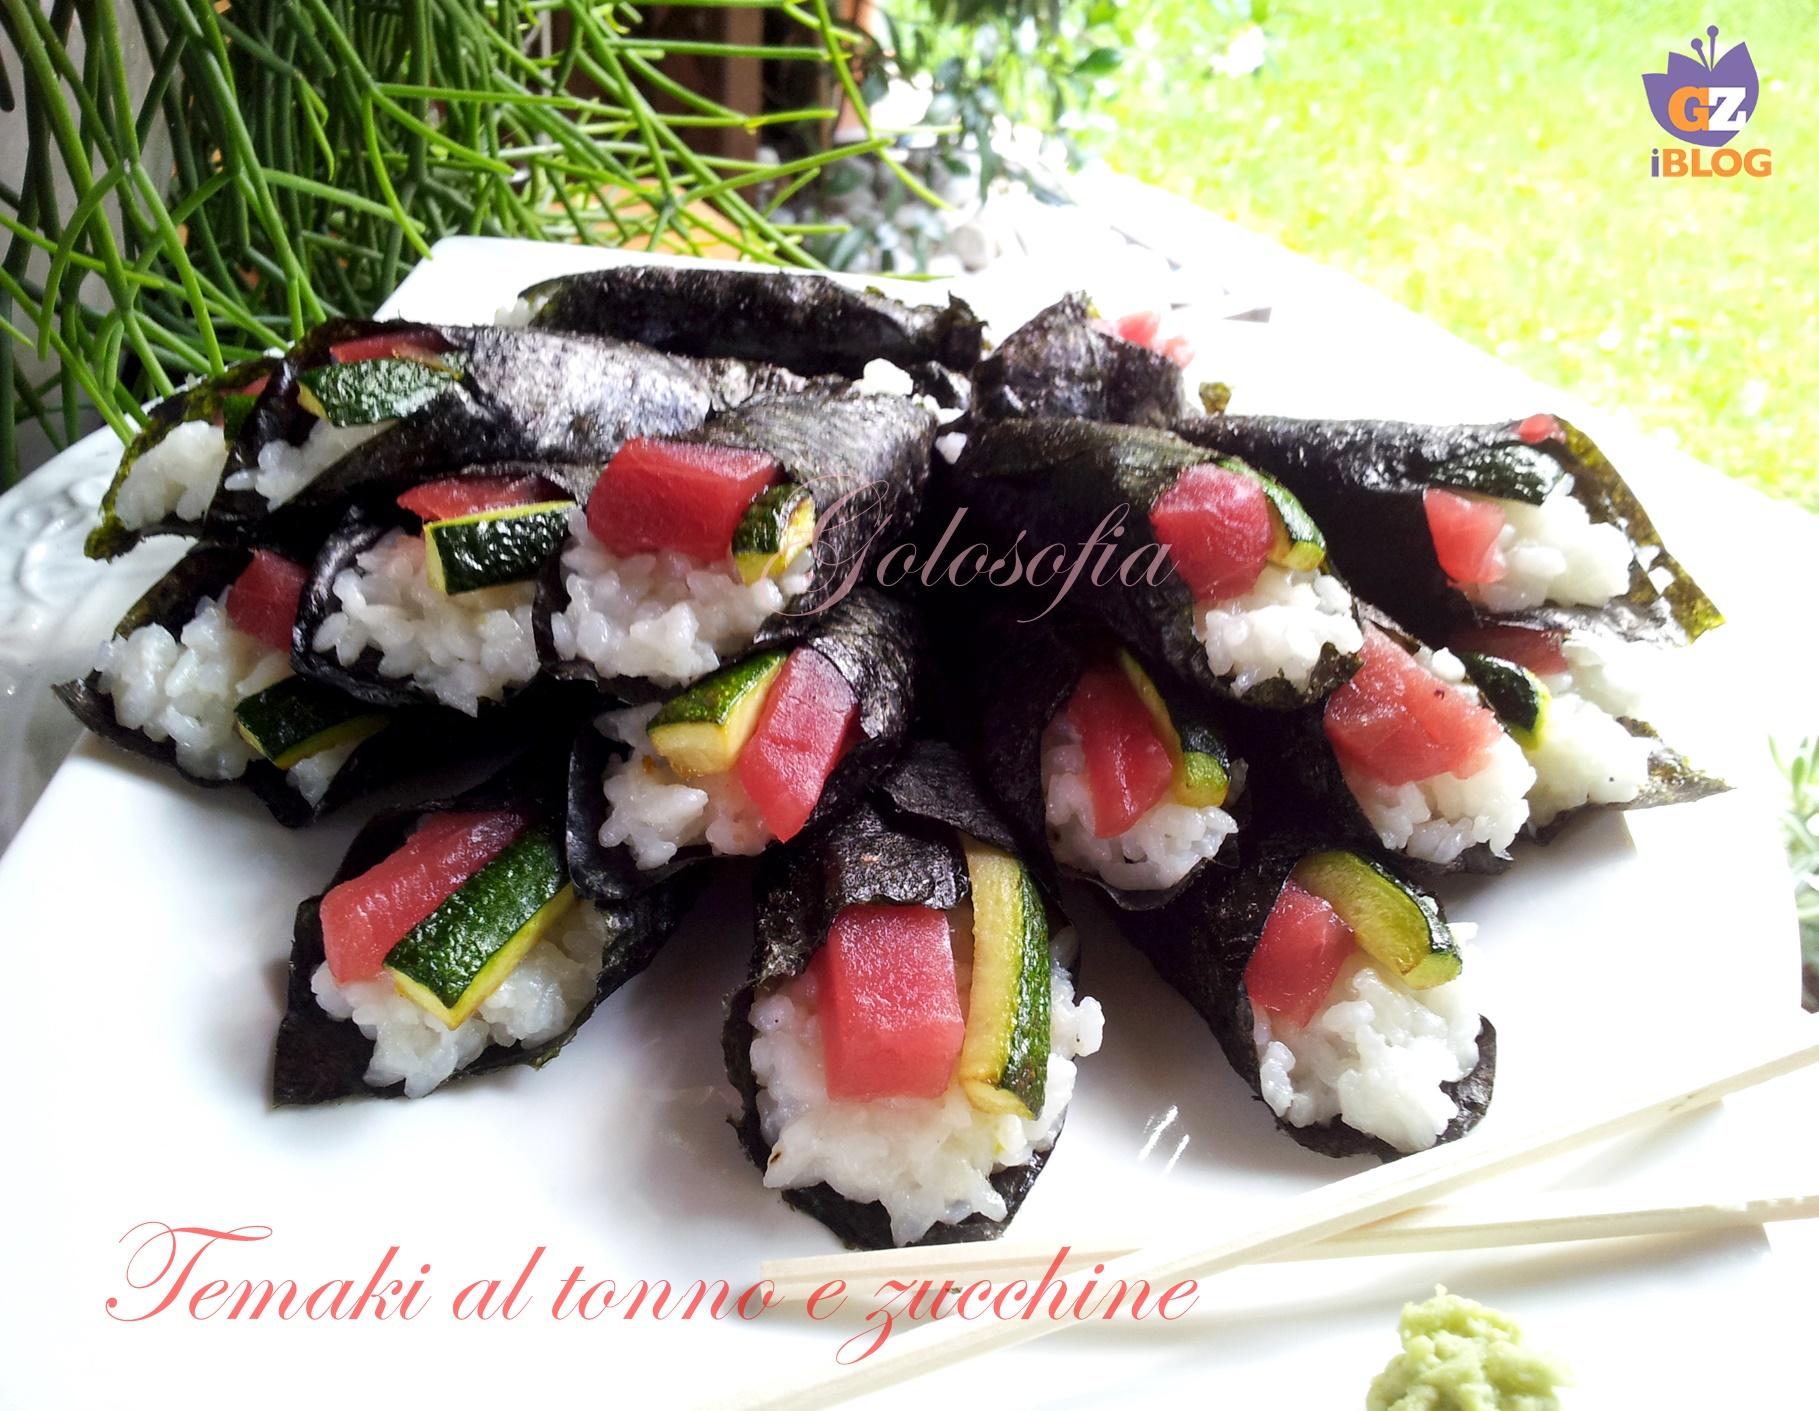 Temaki al tonno e zucchine-ricetta secondi-golosofia